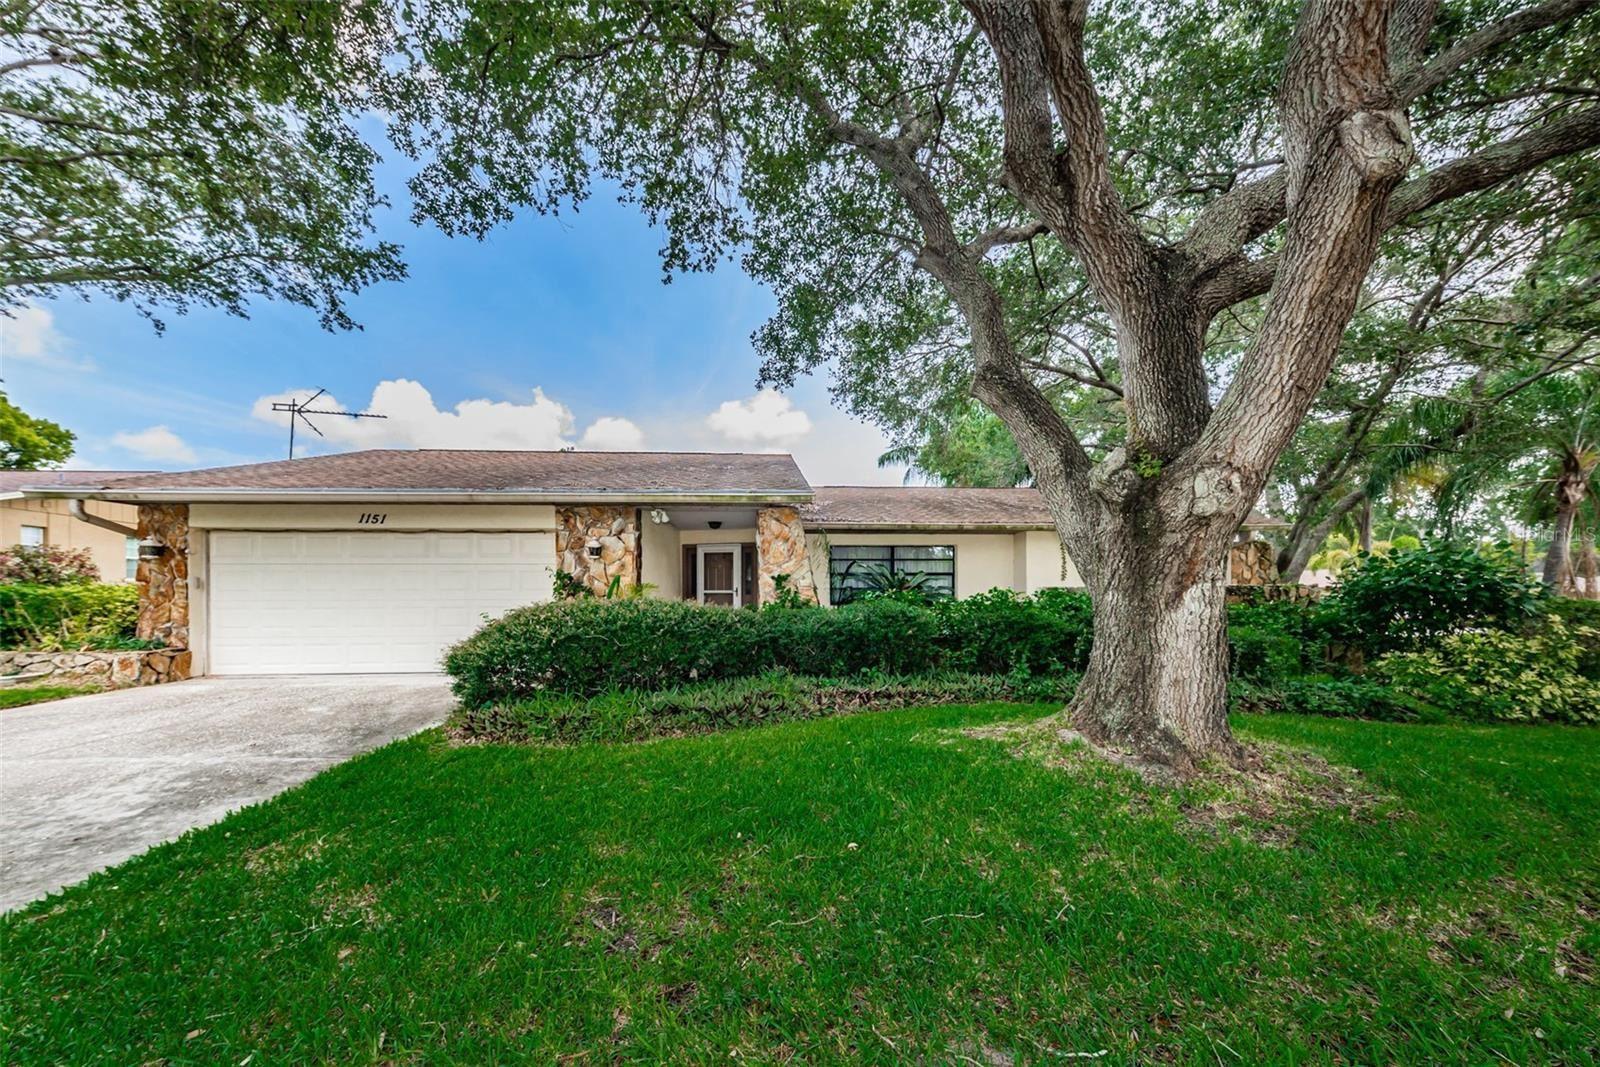 1151 LEMON TREE LANE, Palm Harbor, FL 34683 - #: U8130261